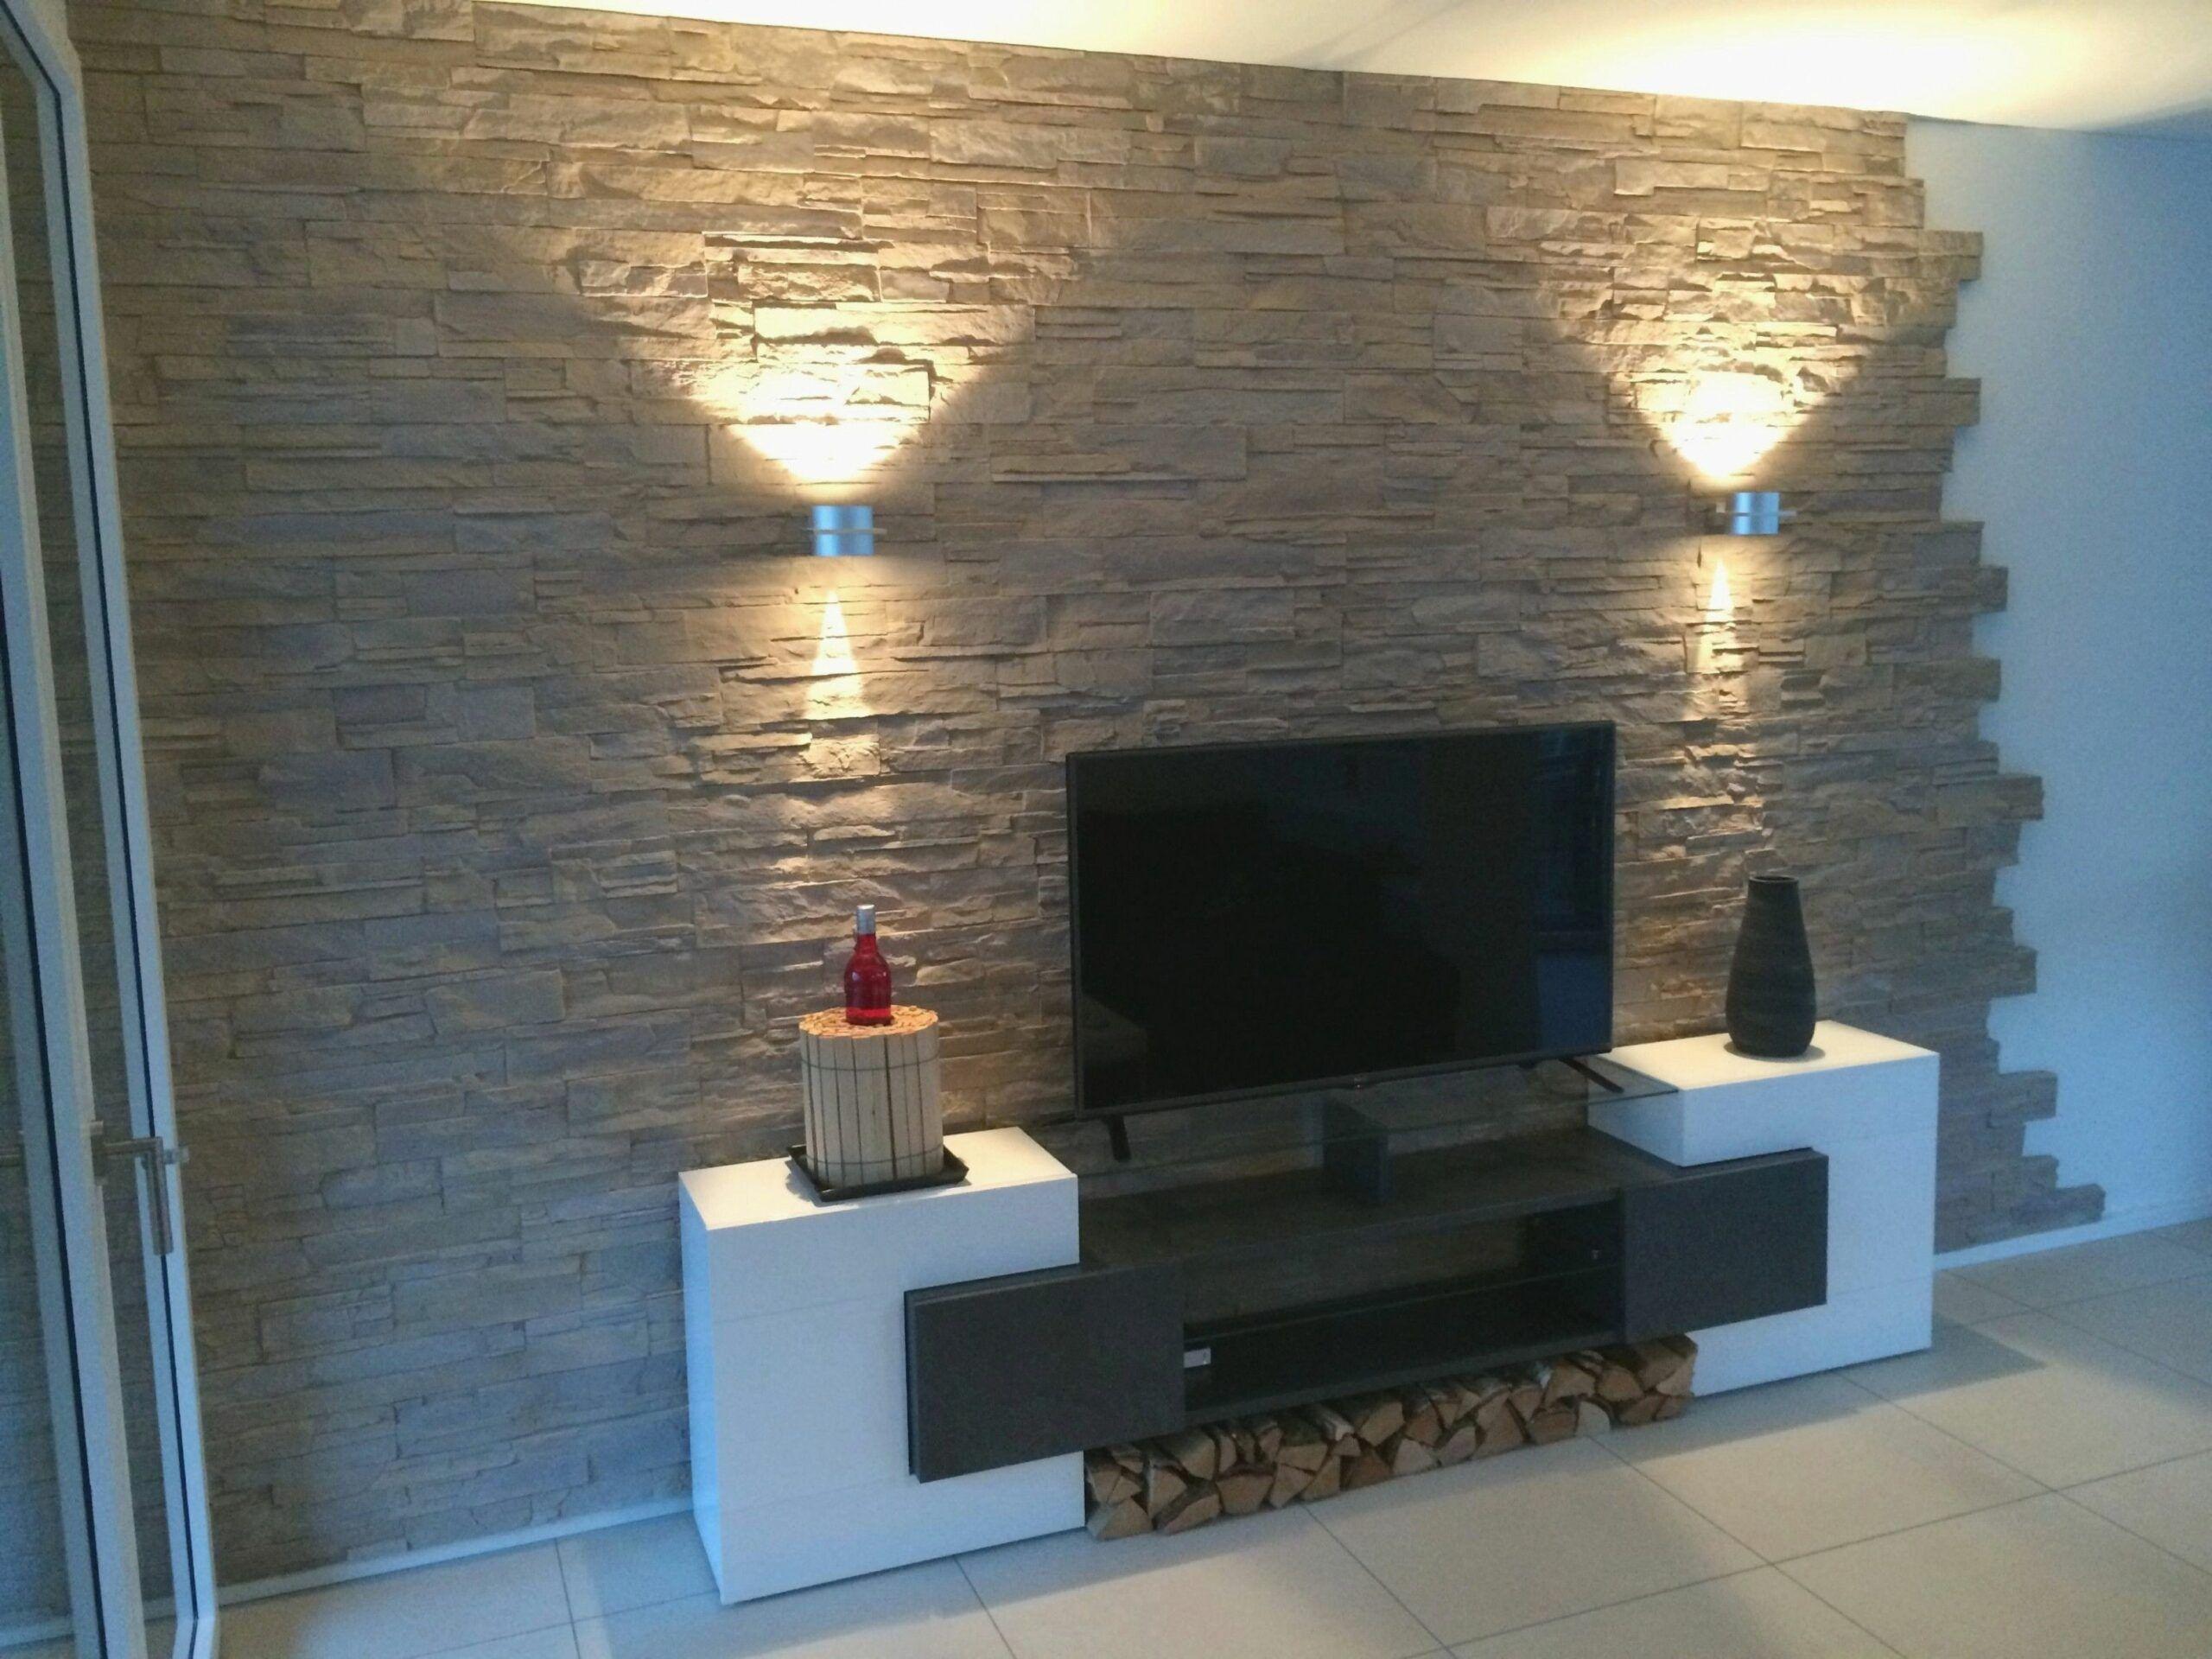 Deko Steinwand Wohnzimmer Decor Home Decor Fireplace